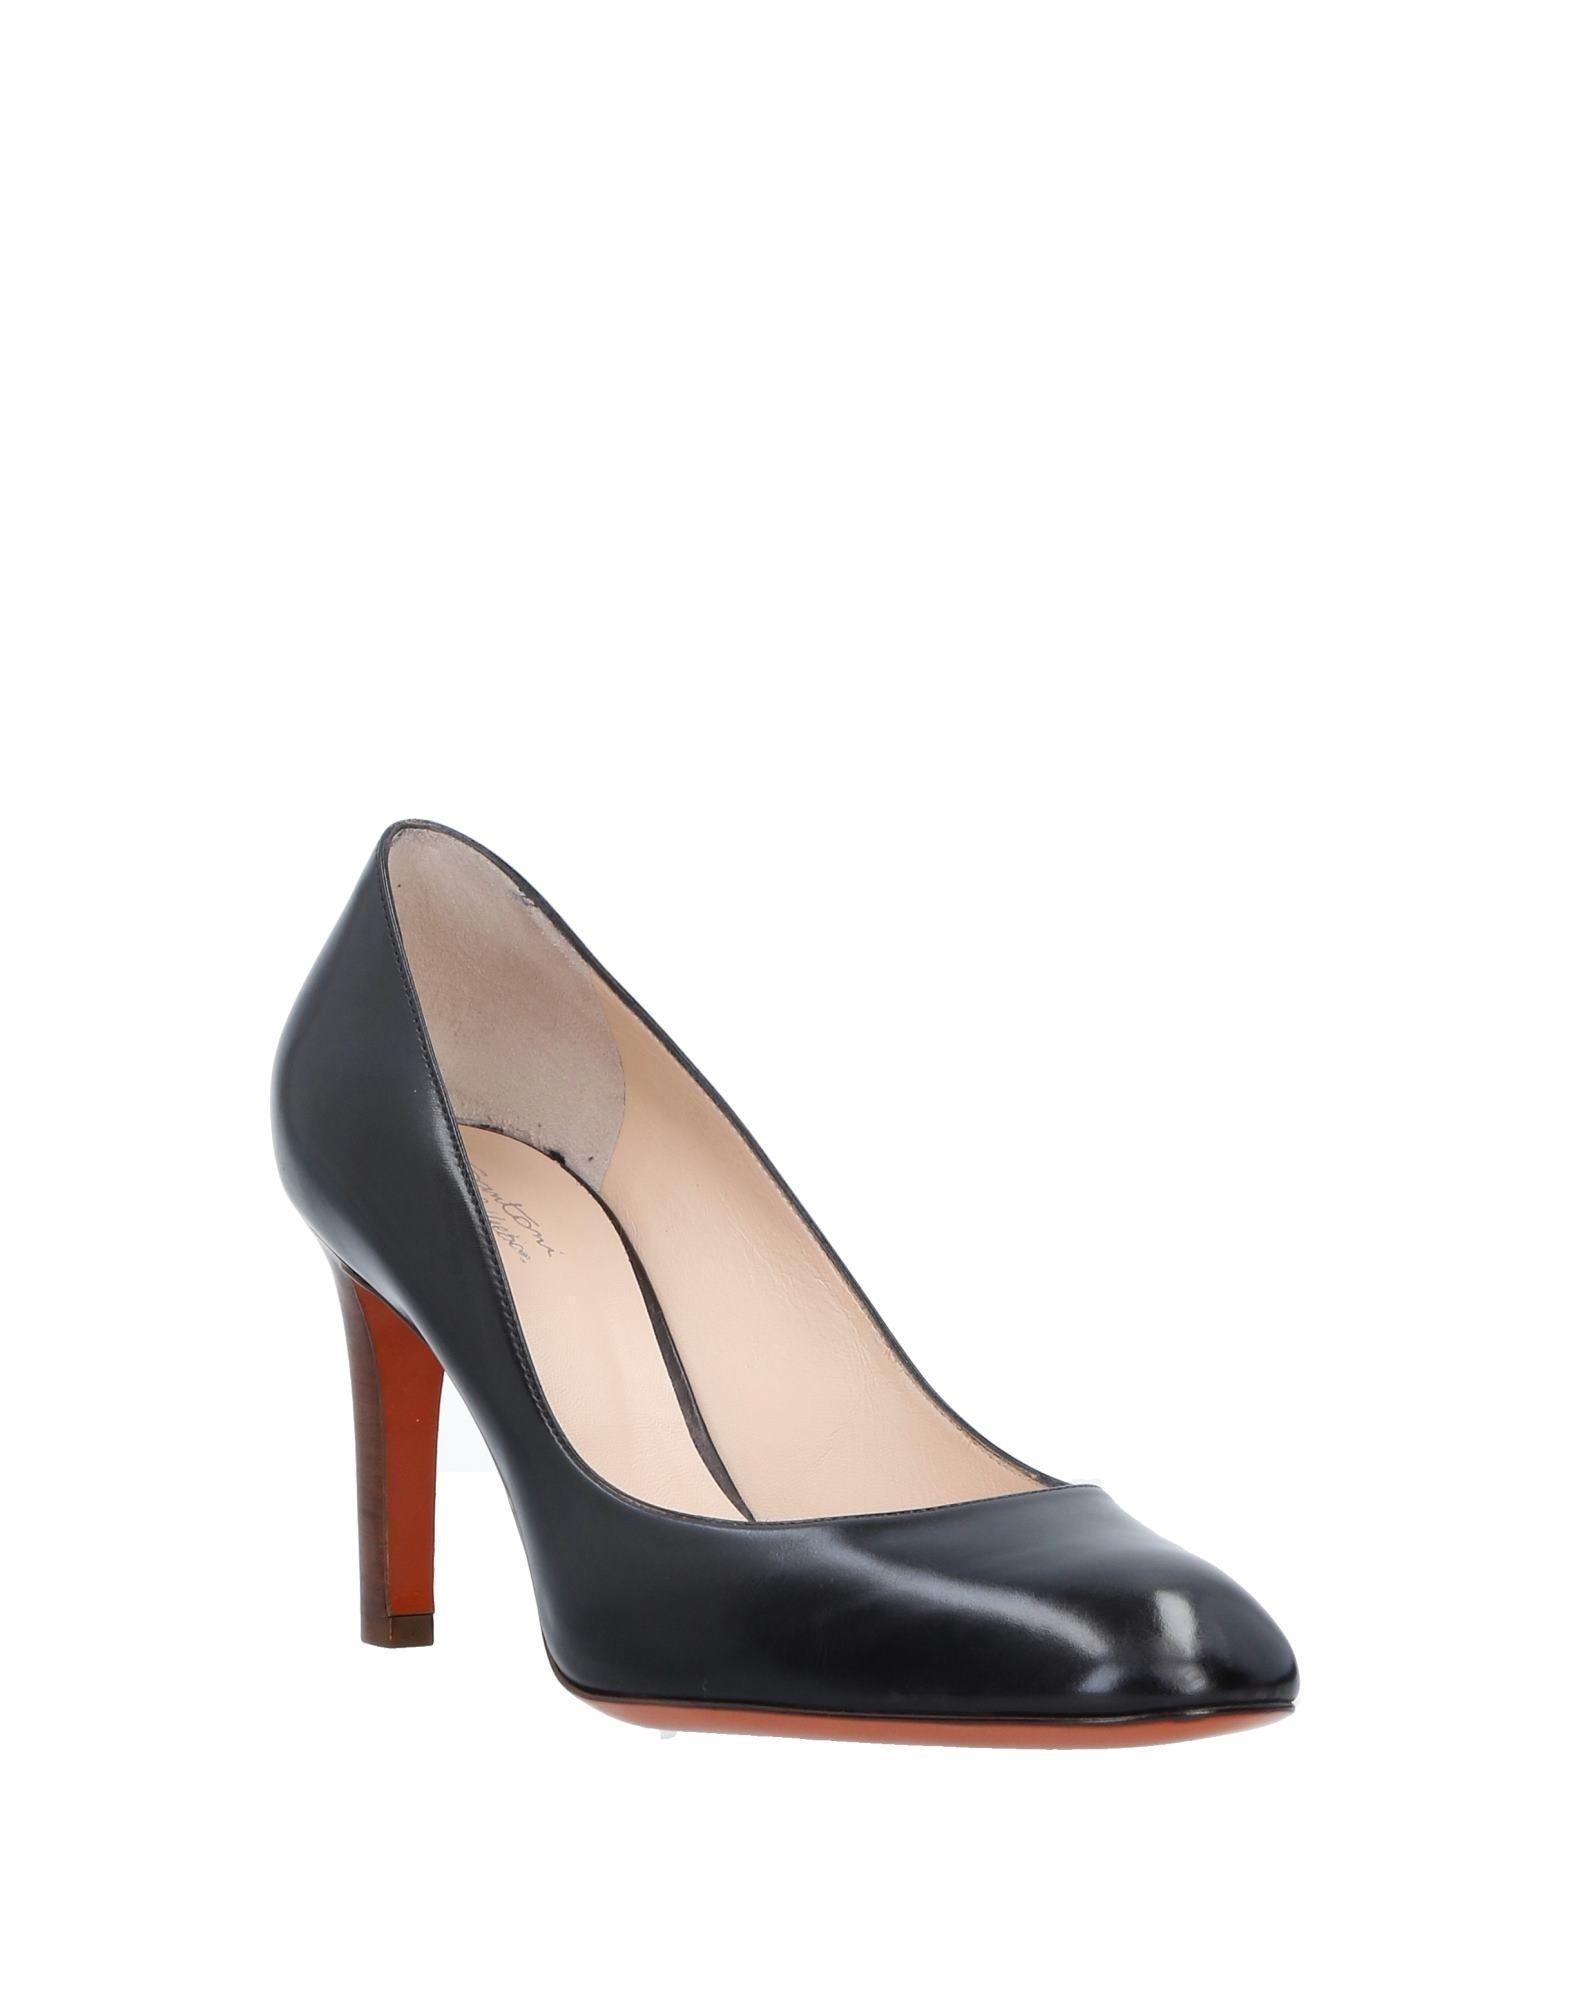 Santoni Pumps Damen Schuhe  11542369LIGünstige gut aussehende Schuhe Damen 34fd1c